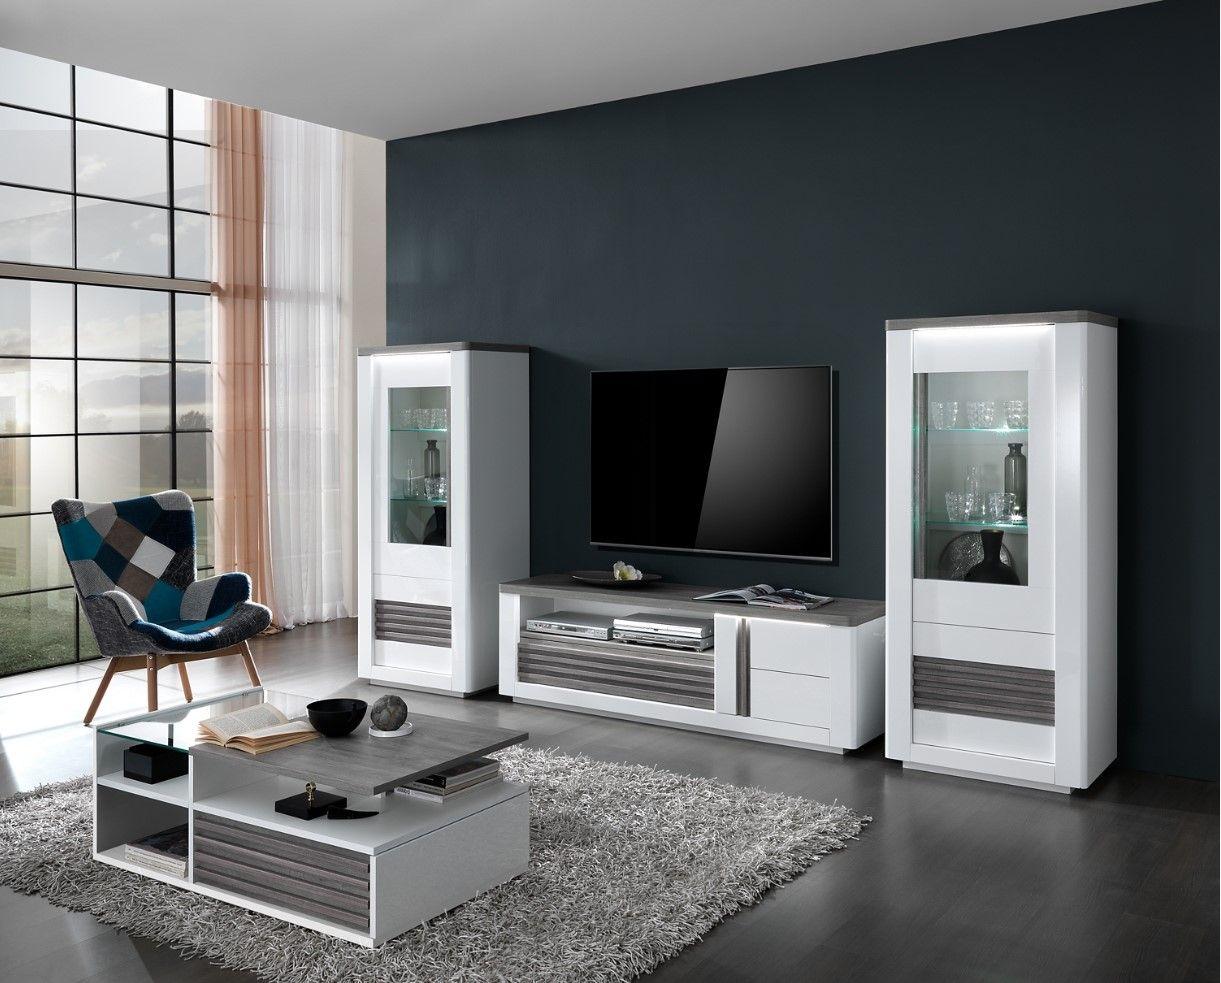 meuble tv vertigo blanc chene gris pas